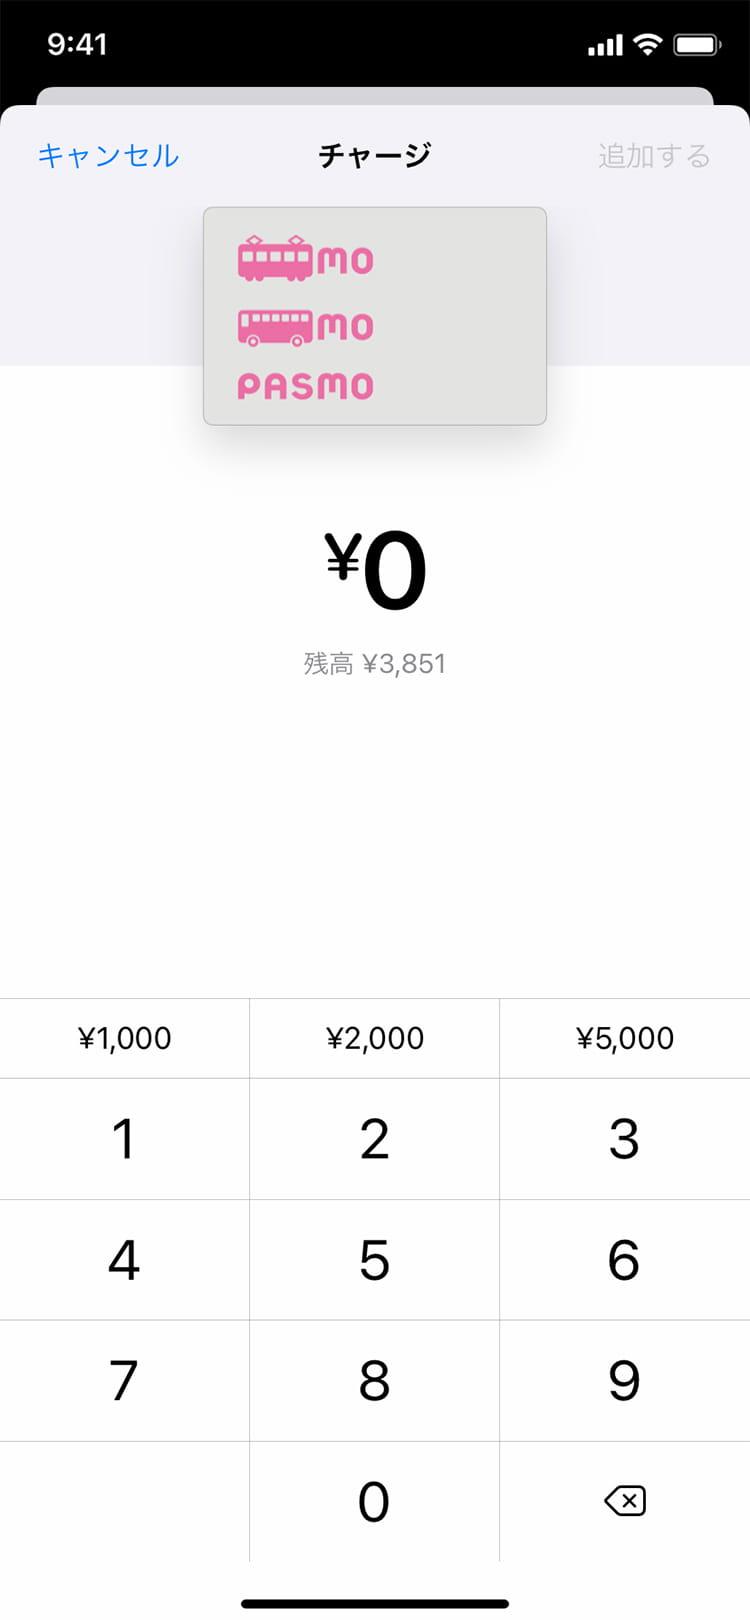 Walletアプリでチャージ3